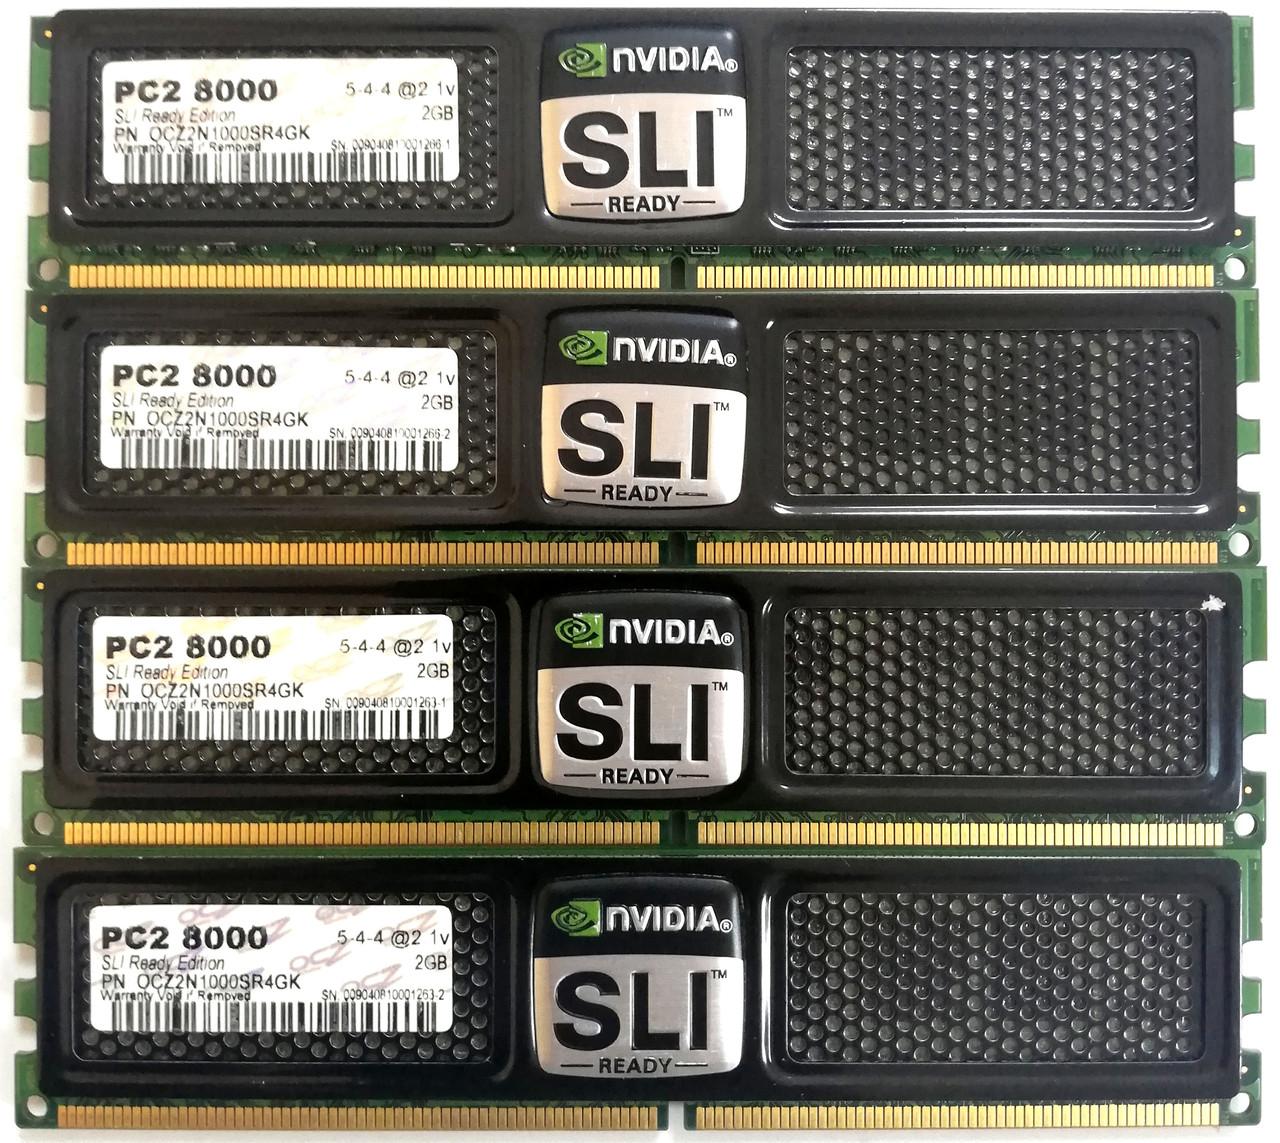 Комплект оперативной памяти OCZ SLI-Ready DDR2 8Gb (4*2Gb) 1000MHz PC2 8000U CL5 (OCZ2N1000SR4GK) Б/У